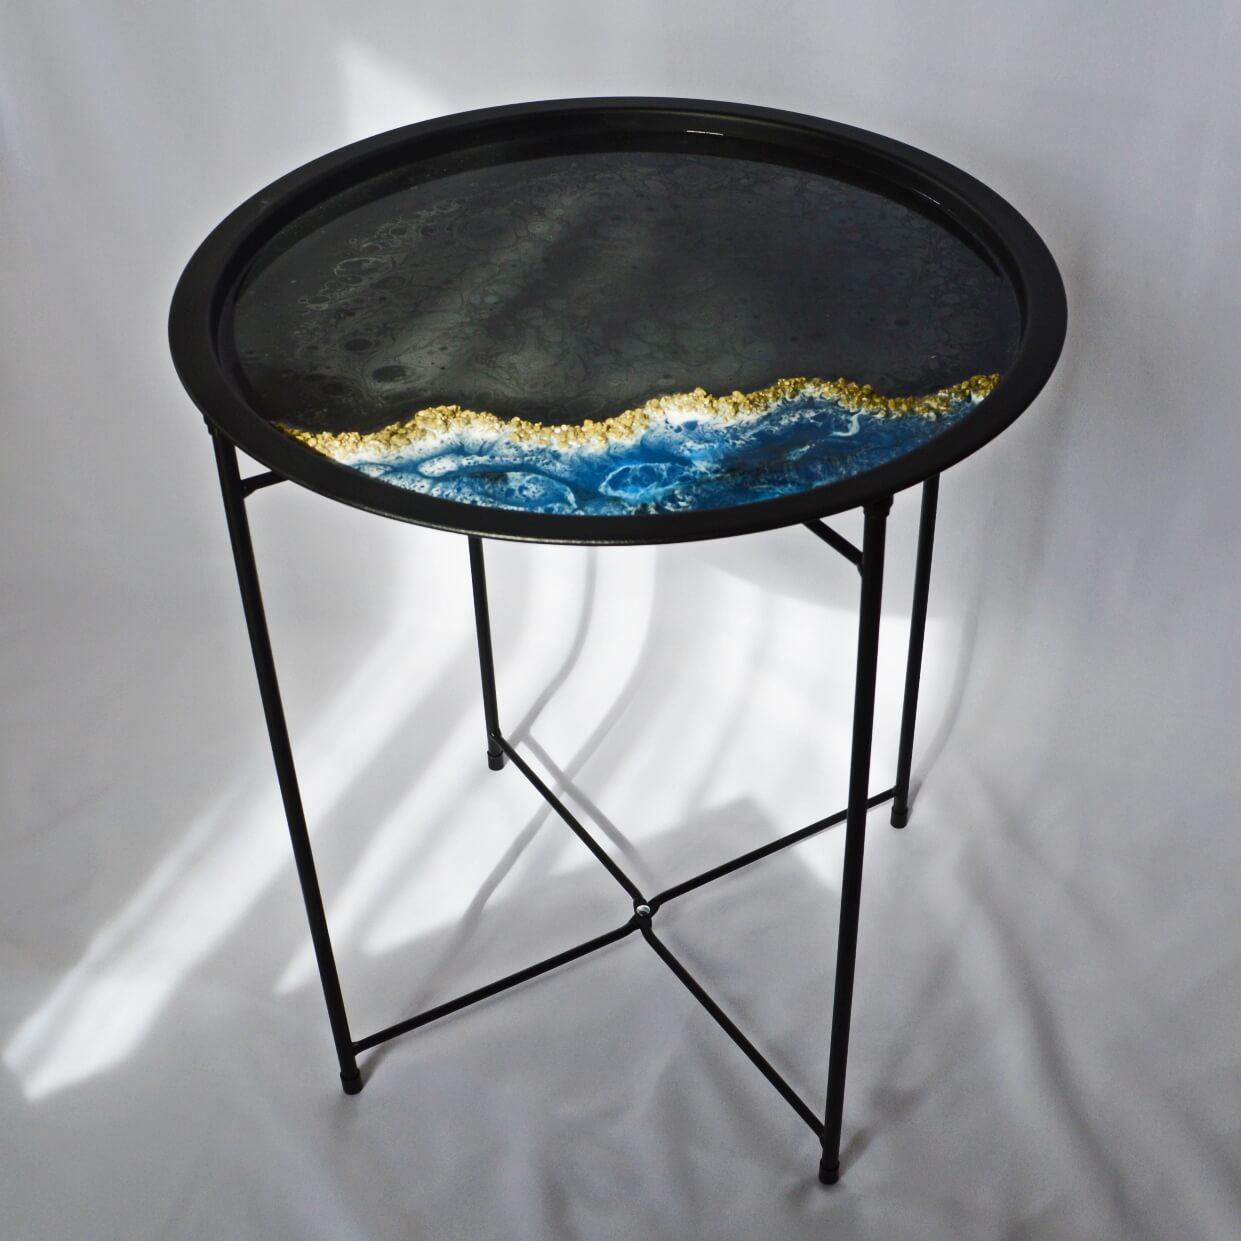 Stolik składany ozdobny, kawowy, kwietnik, PL - Moami Design   JestemSlow.pl